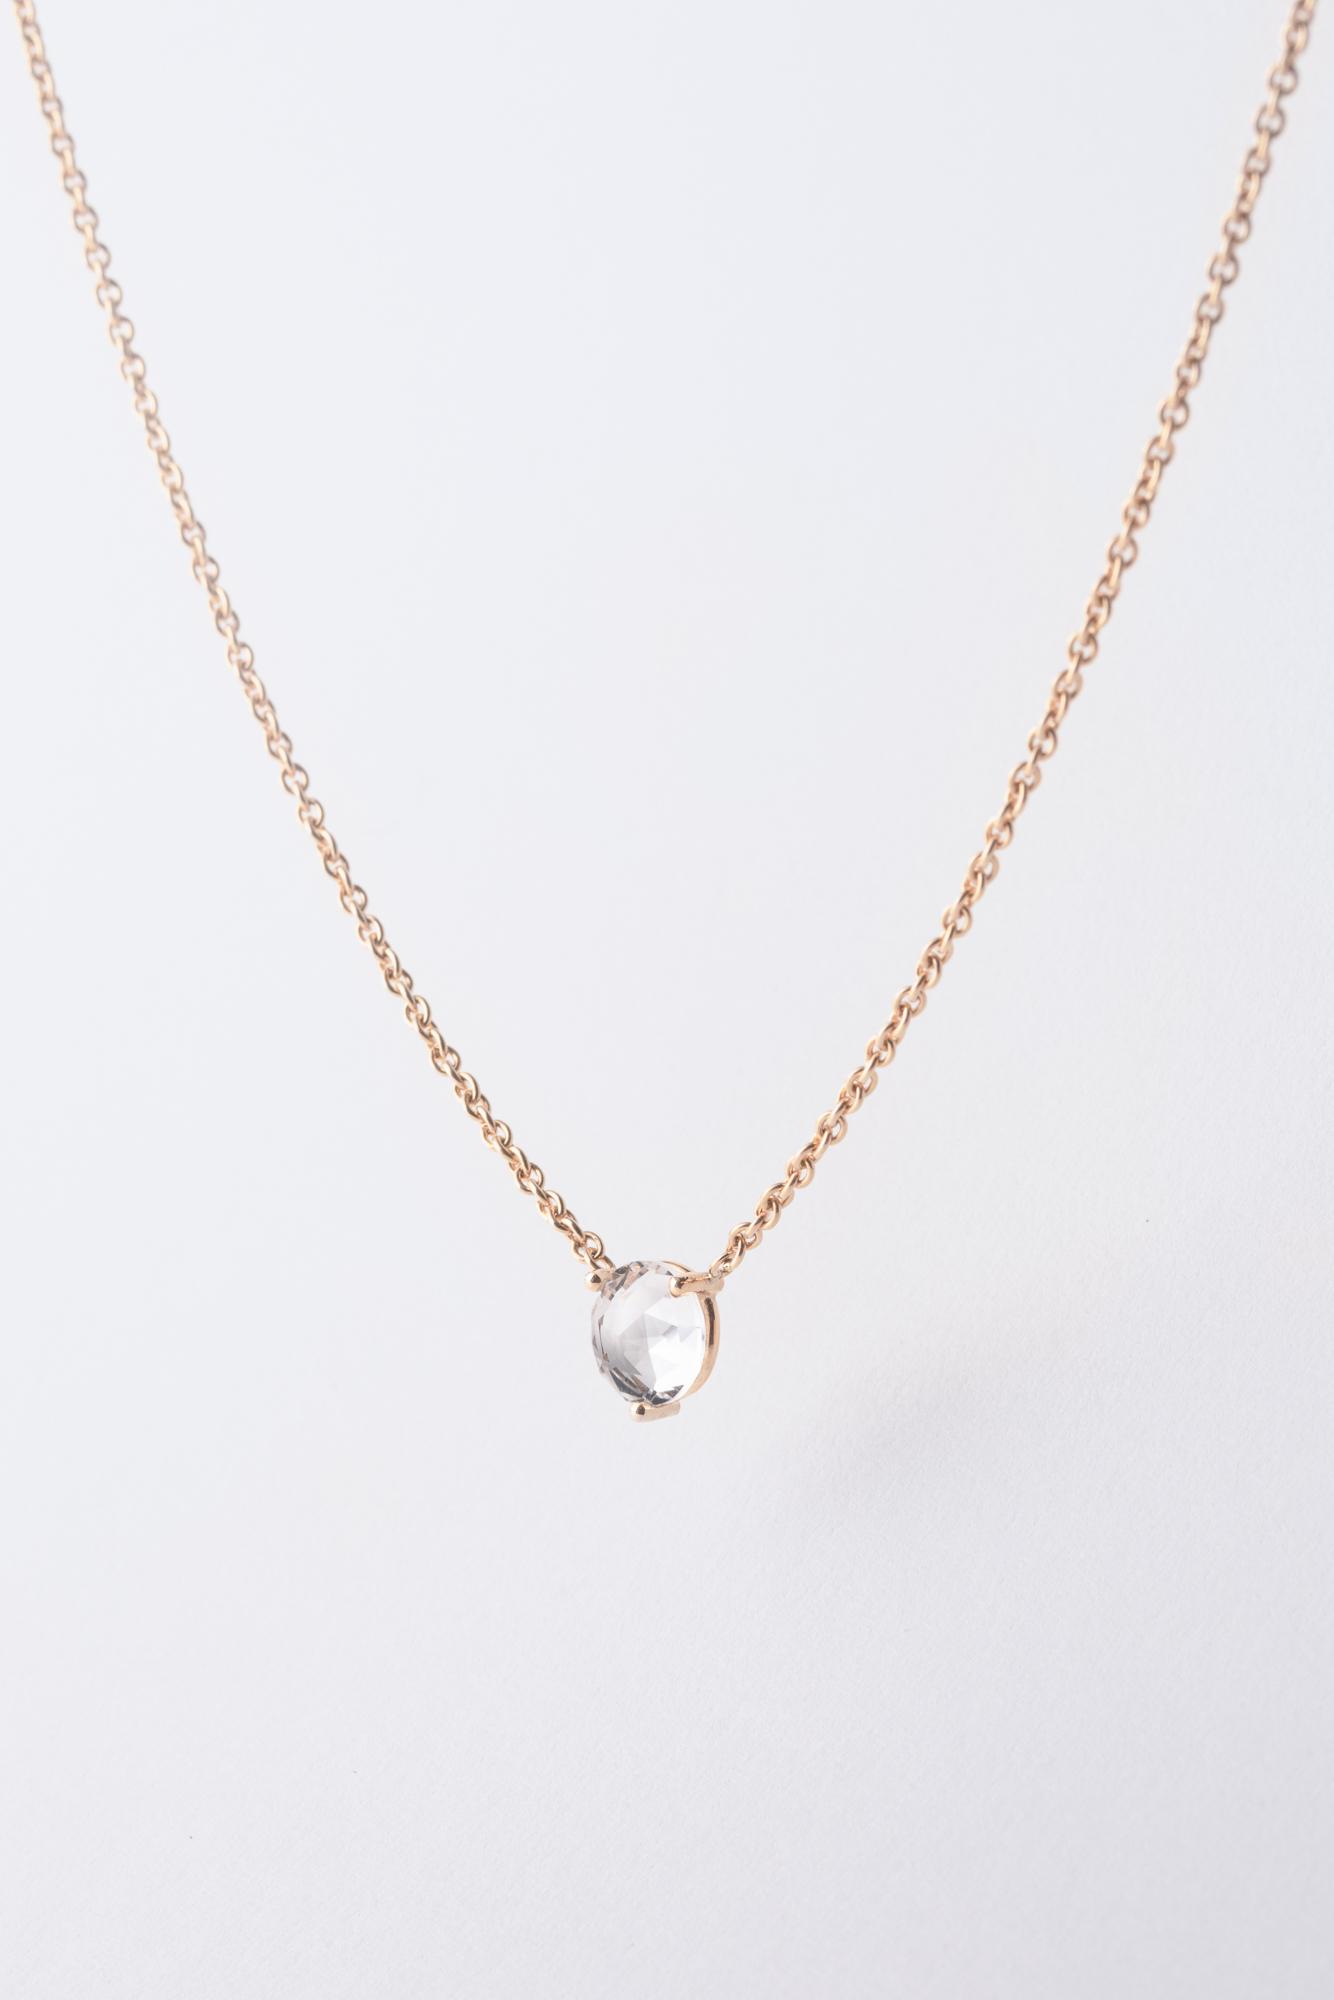 Foto von einer Halskette in Roségold mit einem Bergkristall